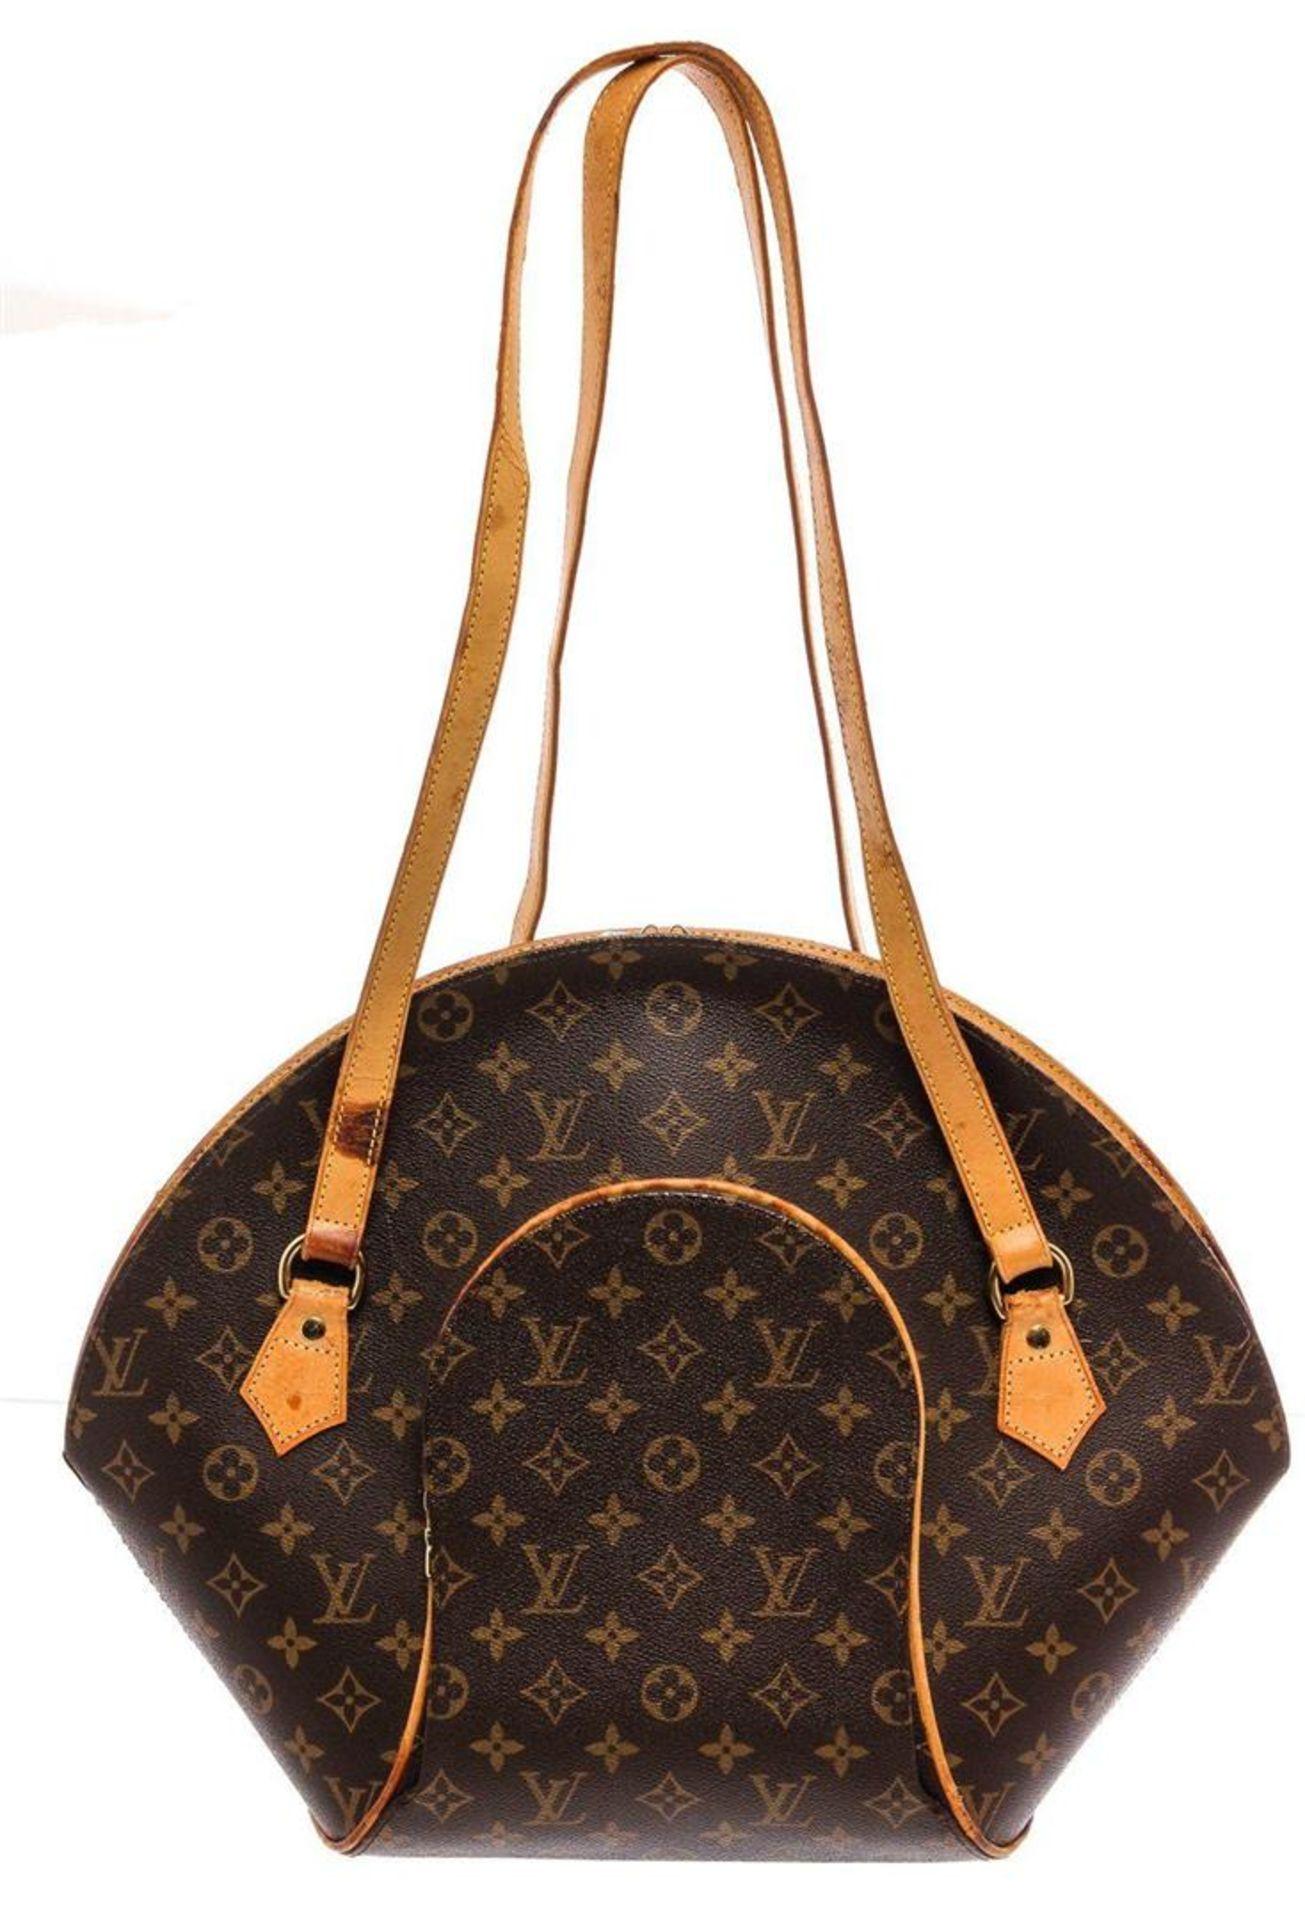 Louis Vuitton Monogram Canvas Leather Ellipse Shopper Bag